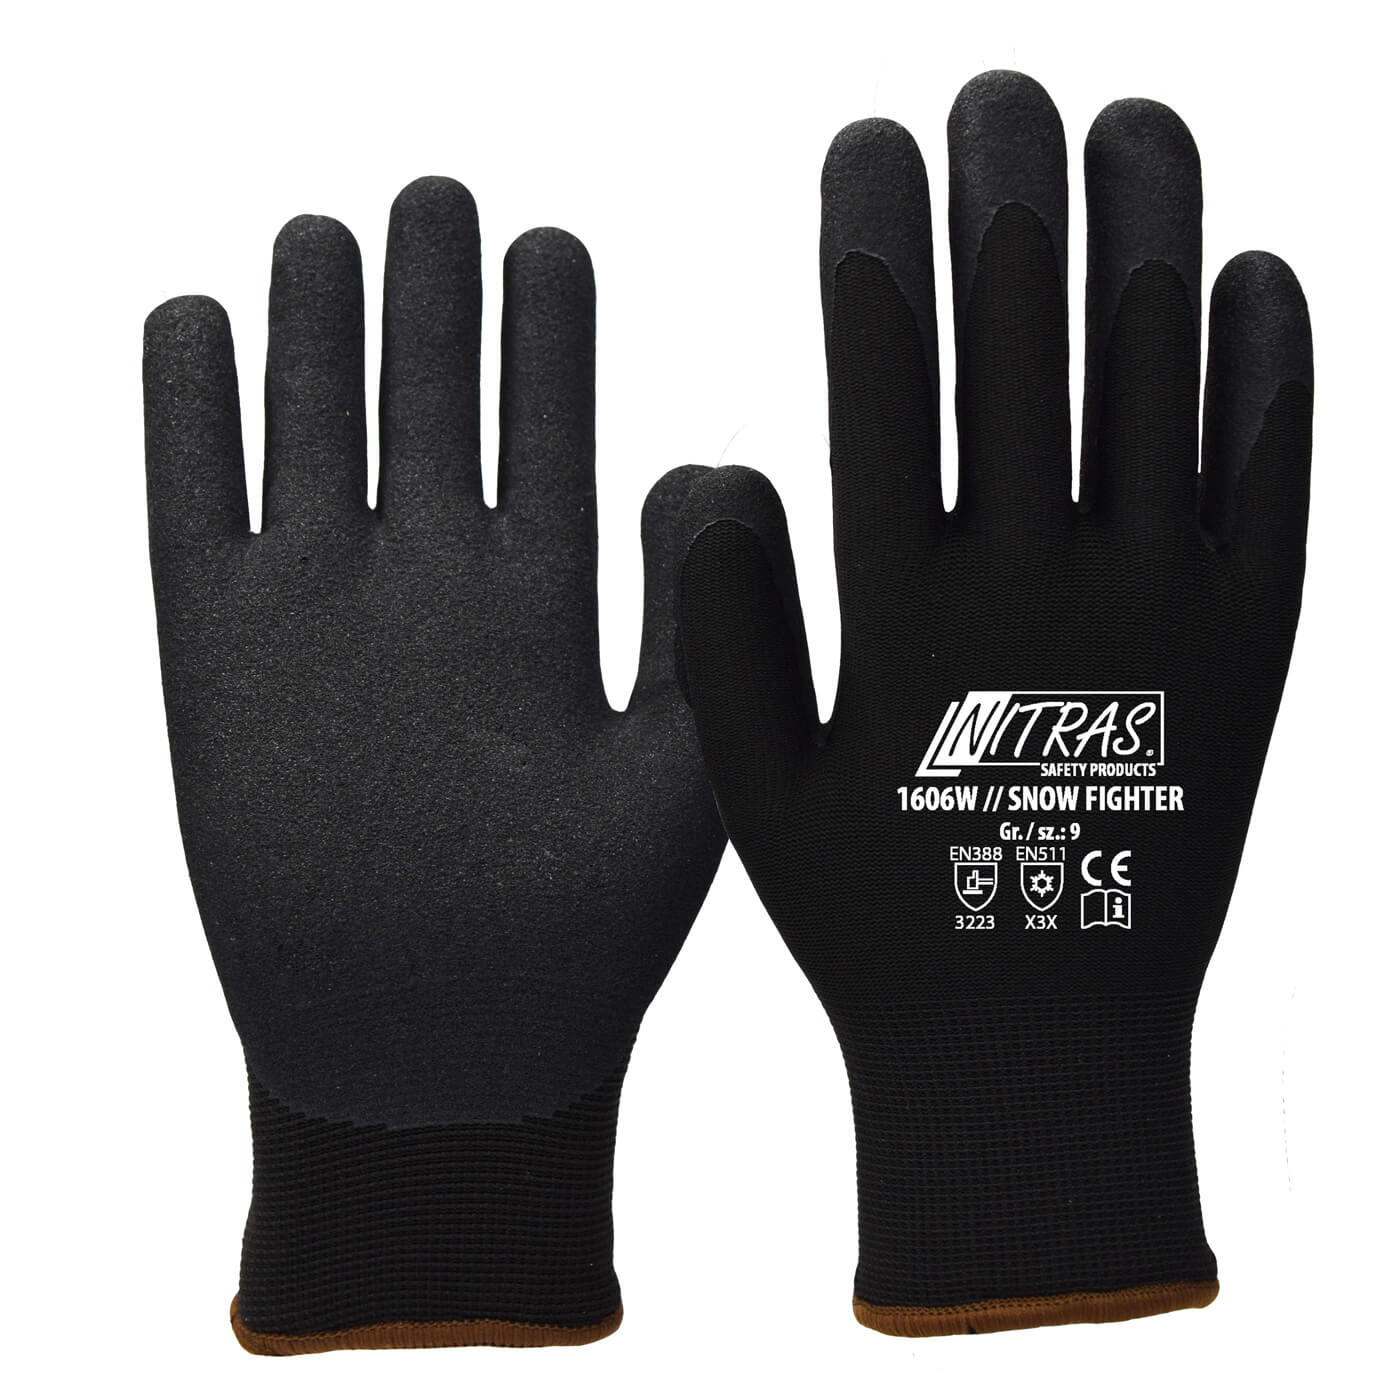 Rękawice zimowe Nitras 1606W/ SNOW FIGHTER